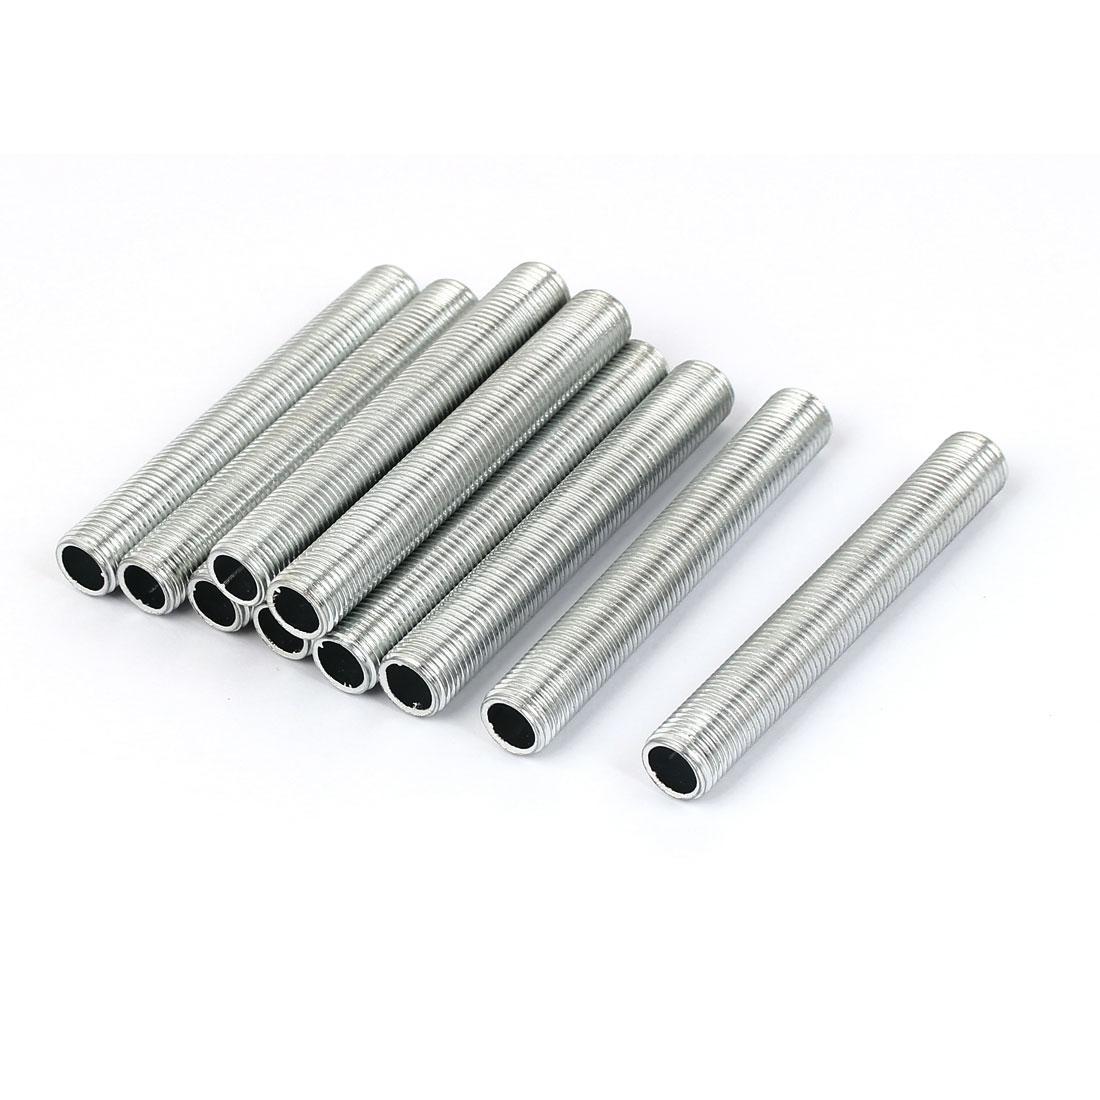 M10 1mm Pitch Threaded Zinc Alloy Pipe Nipple Lamp Repair Part 70mm Long 10pcs